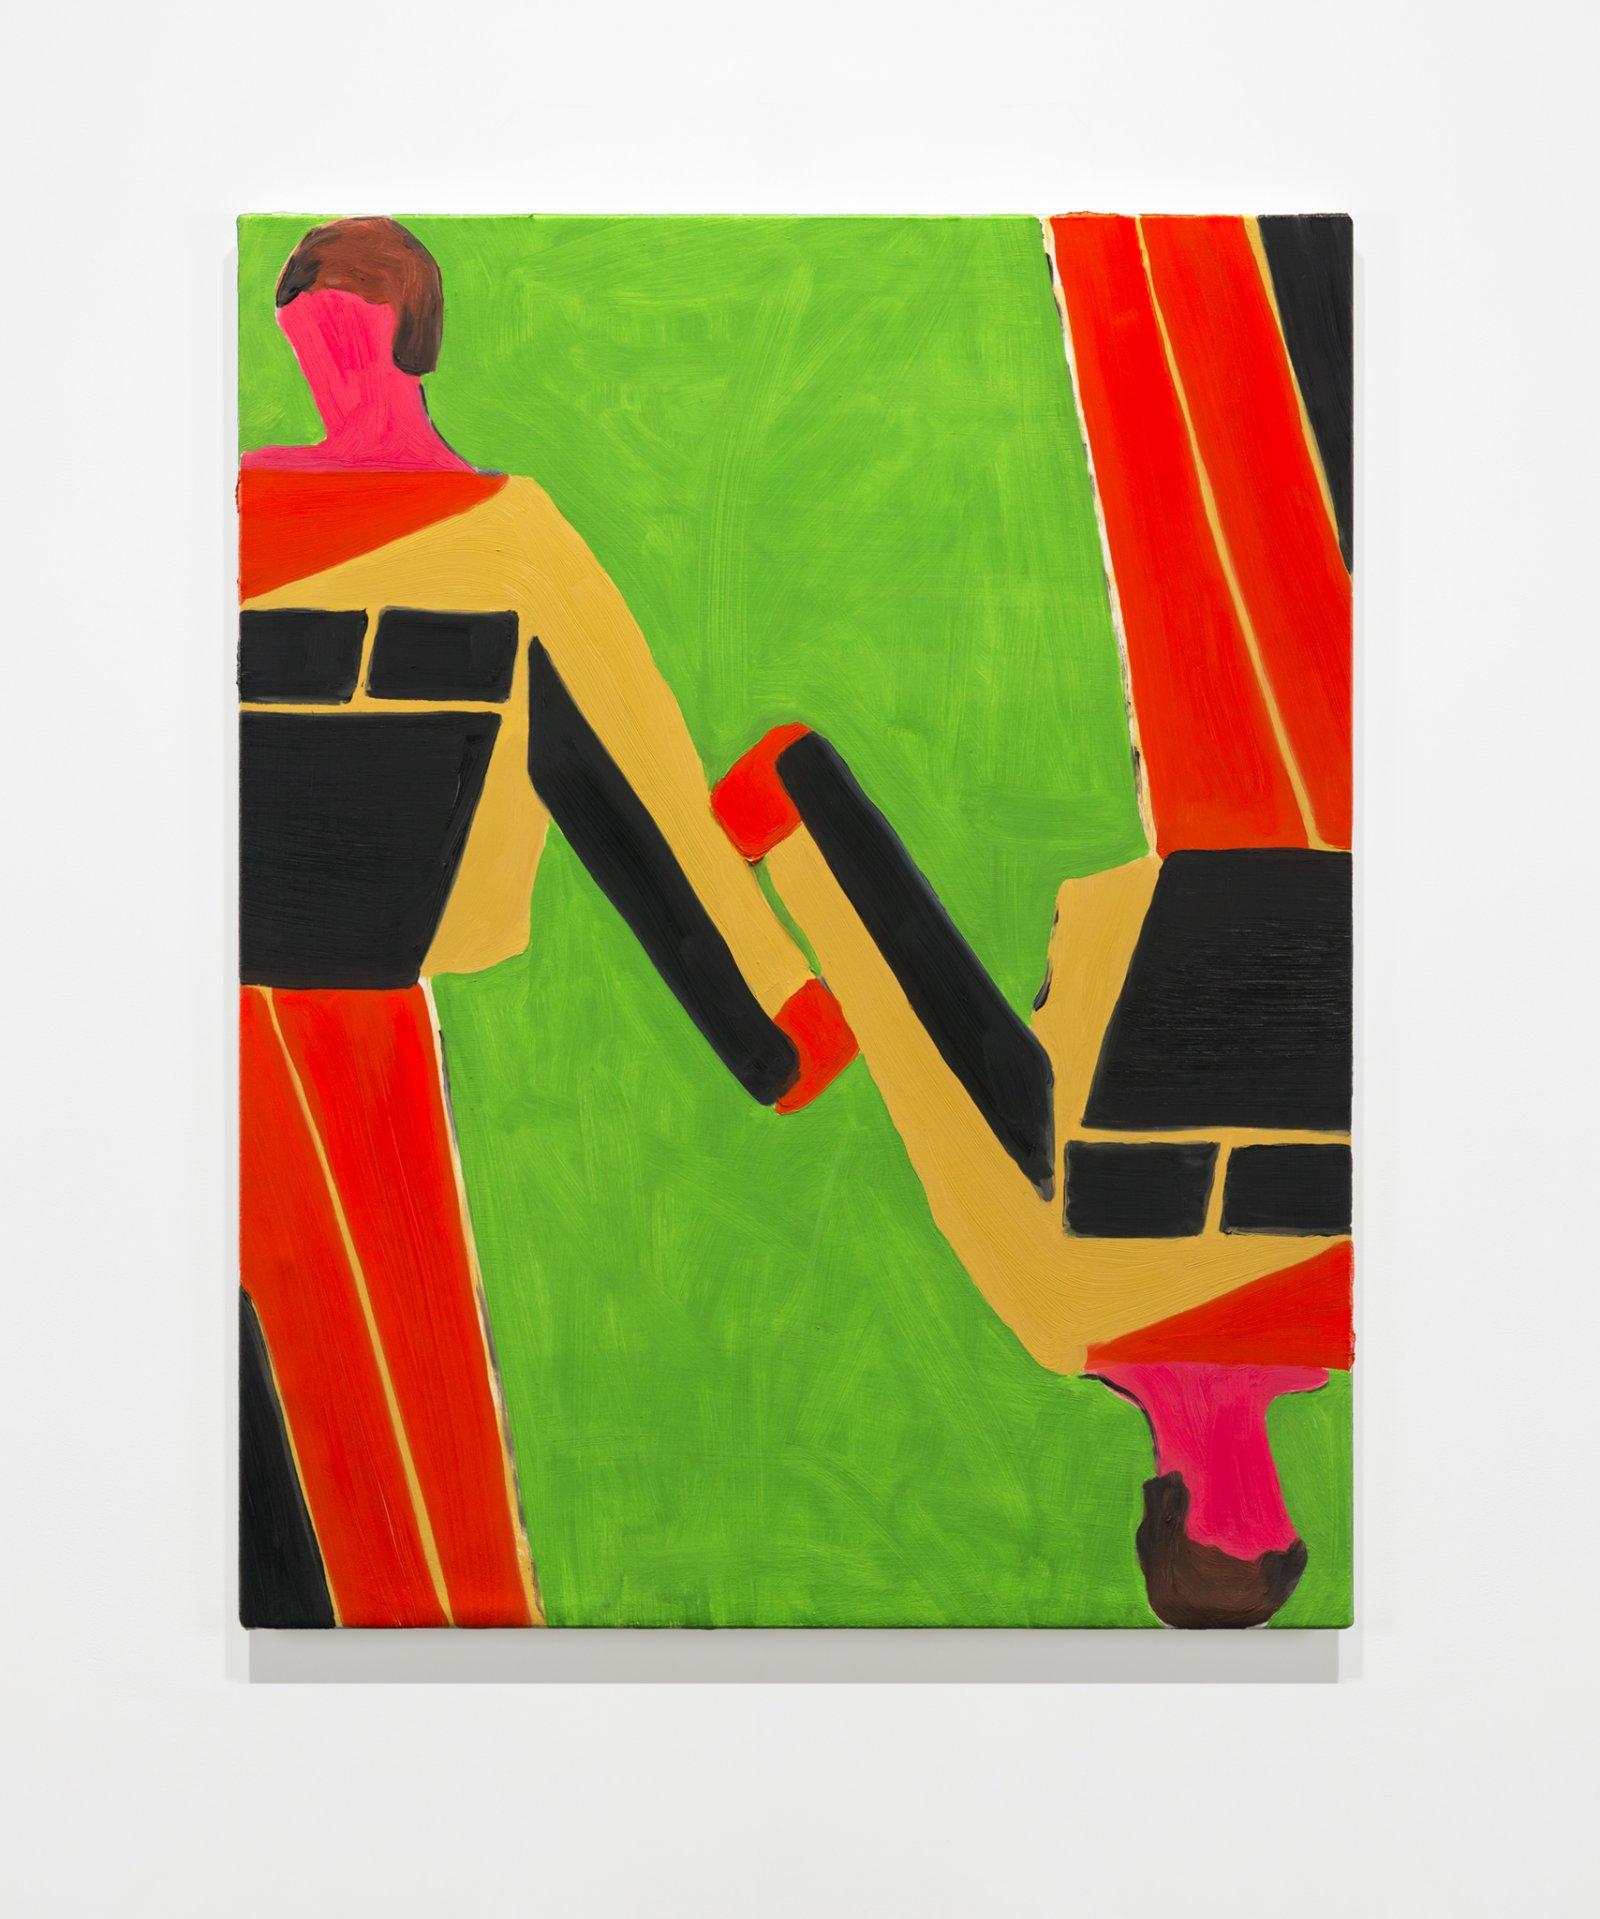 Elizabeth McIntosh, Touch and Frame, 2019, oil on canvas, 28 x 22 in. (71 x 56 cm) by Elizabeth McIntosh